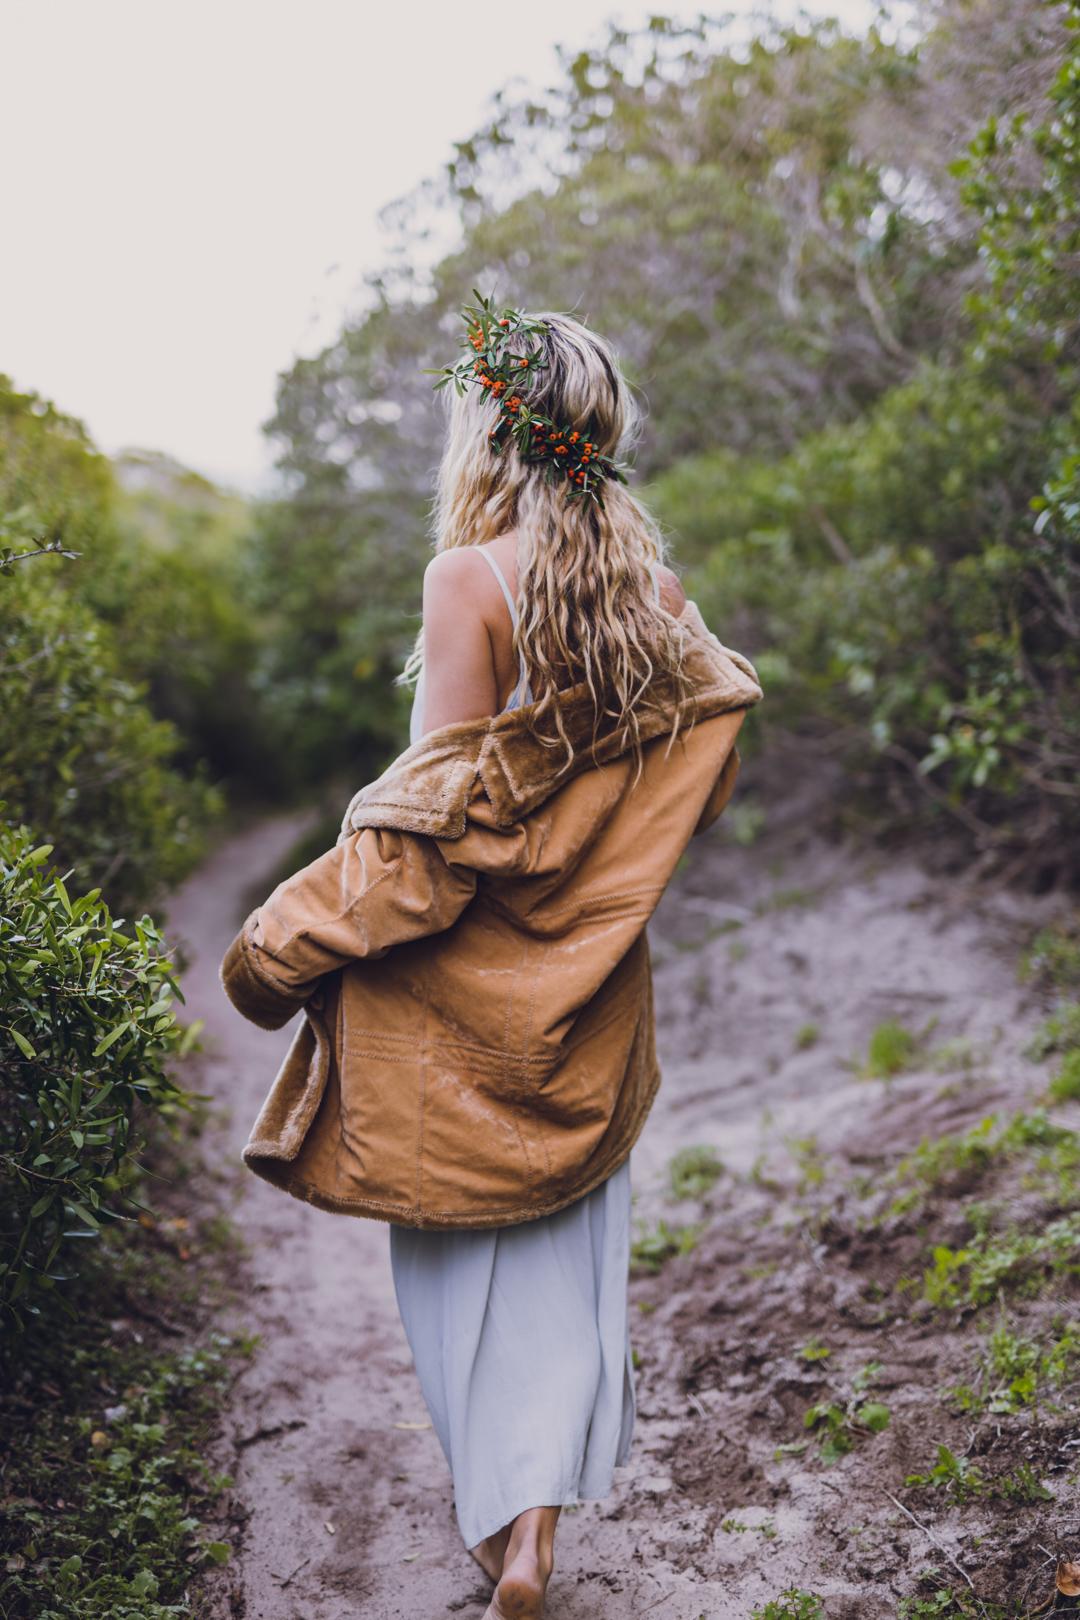 Tyler Moolman Woodland Forest Portrait - Cape Town, South Africa - Cape Image Co. by Ken Treloar-SML-6.jpg